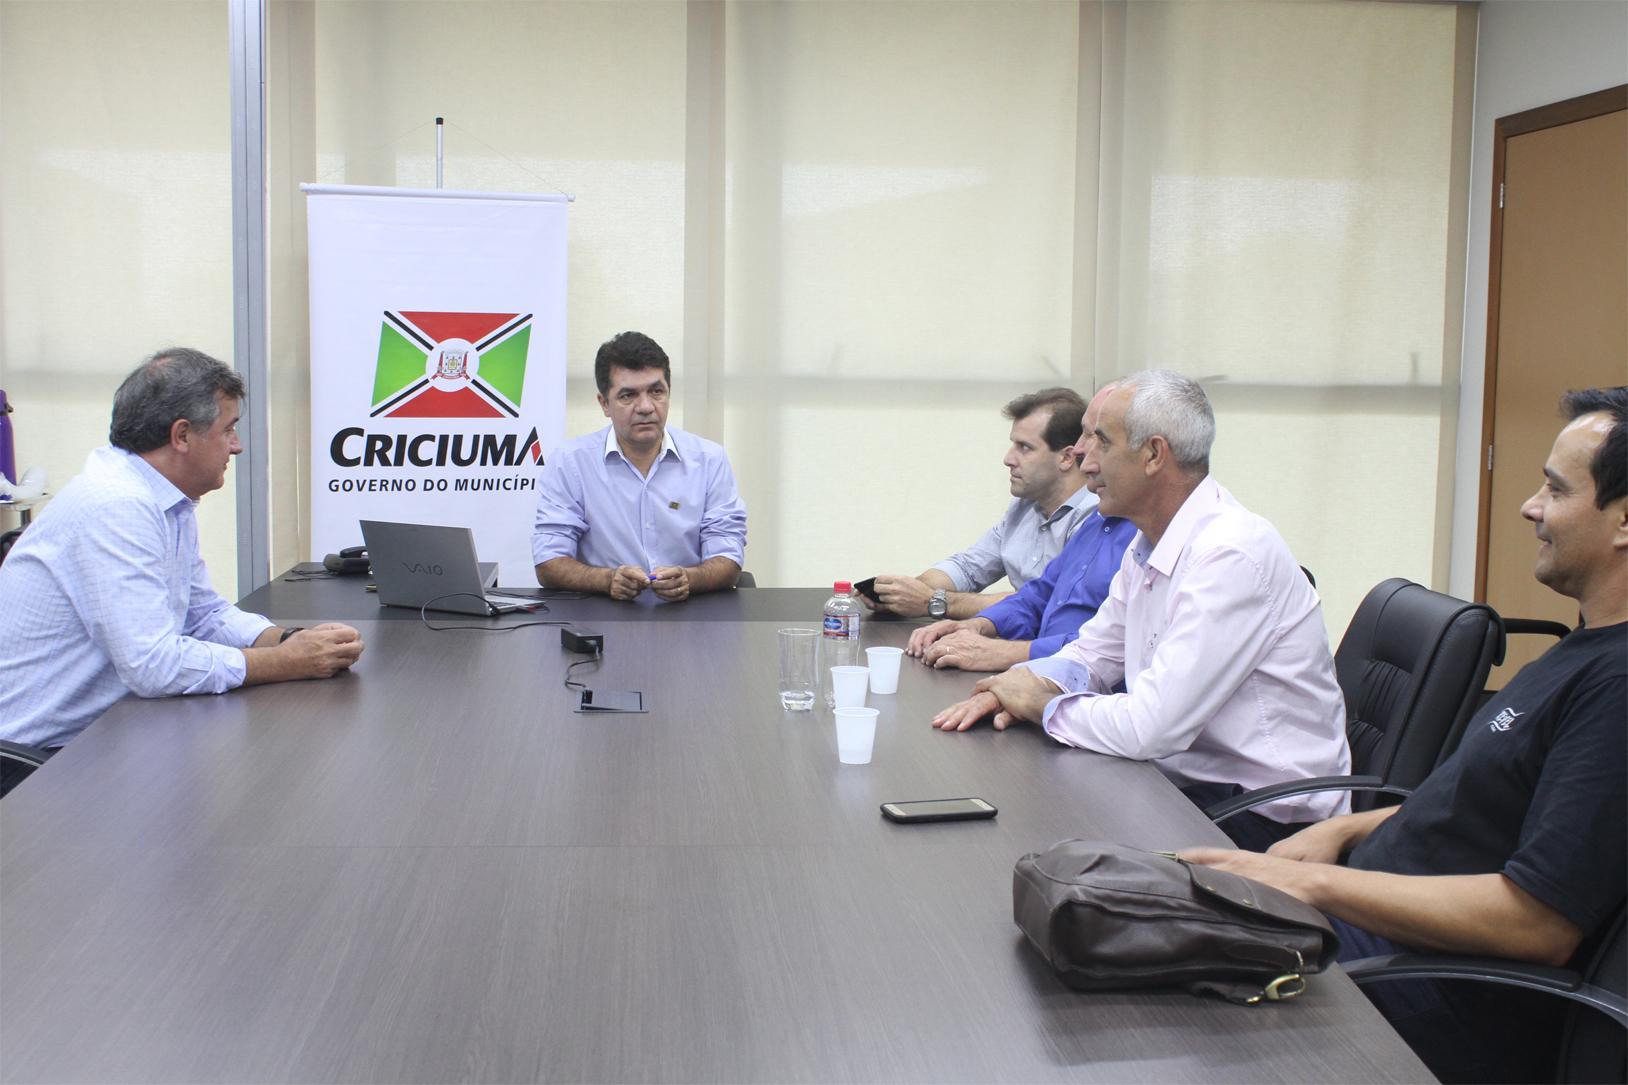 Prefeitura Municipal de Criciúma - Prefeitura e Duda Produções Ltda. assinam contrato